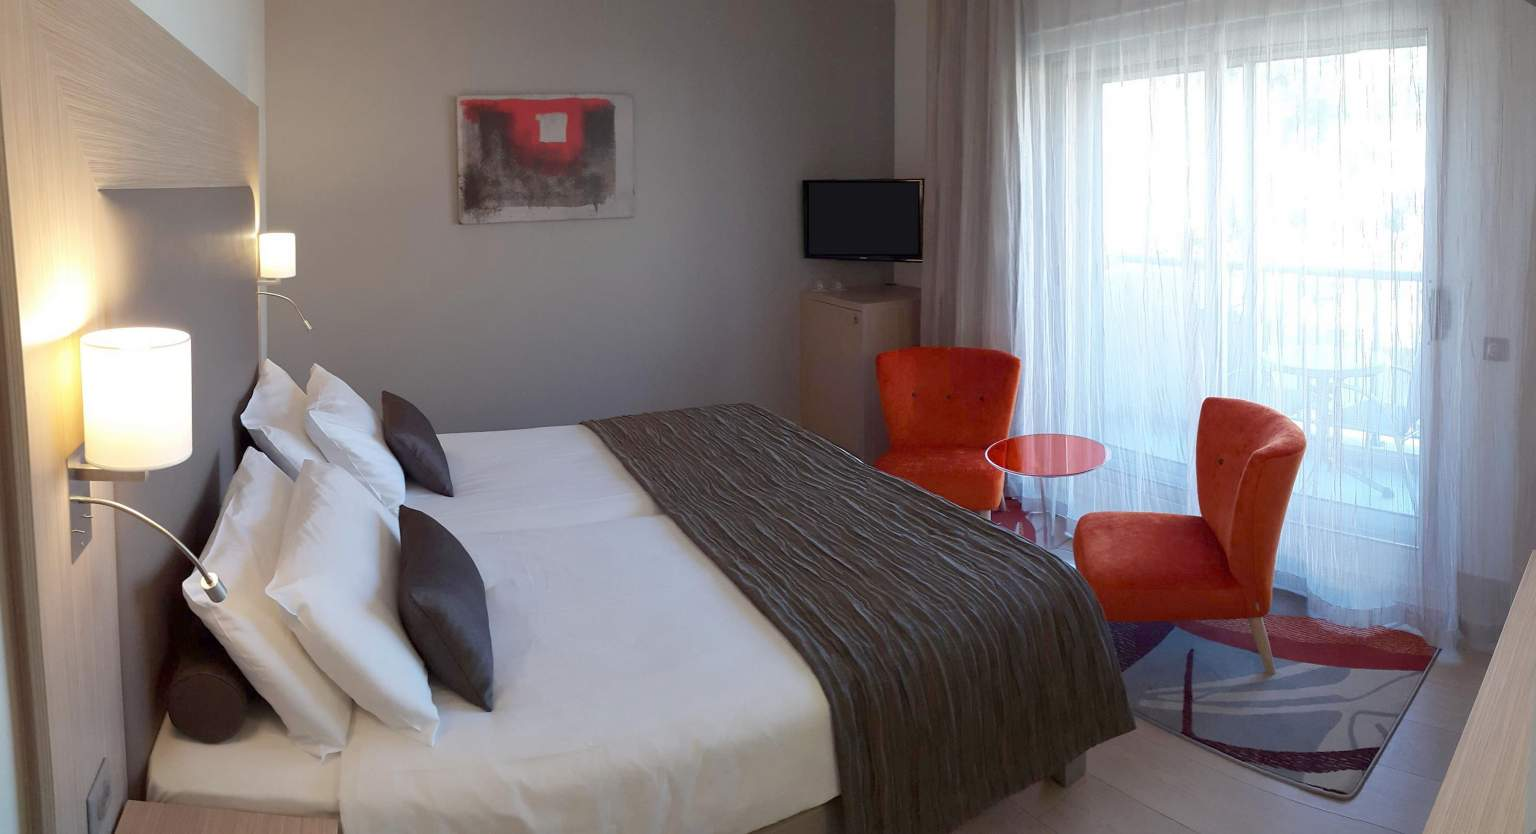 Chambre montagne confort<span>Hôtel</span>Princess & Richmond à Menton